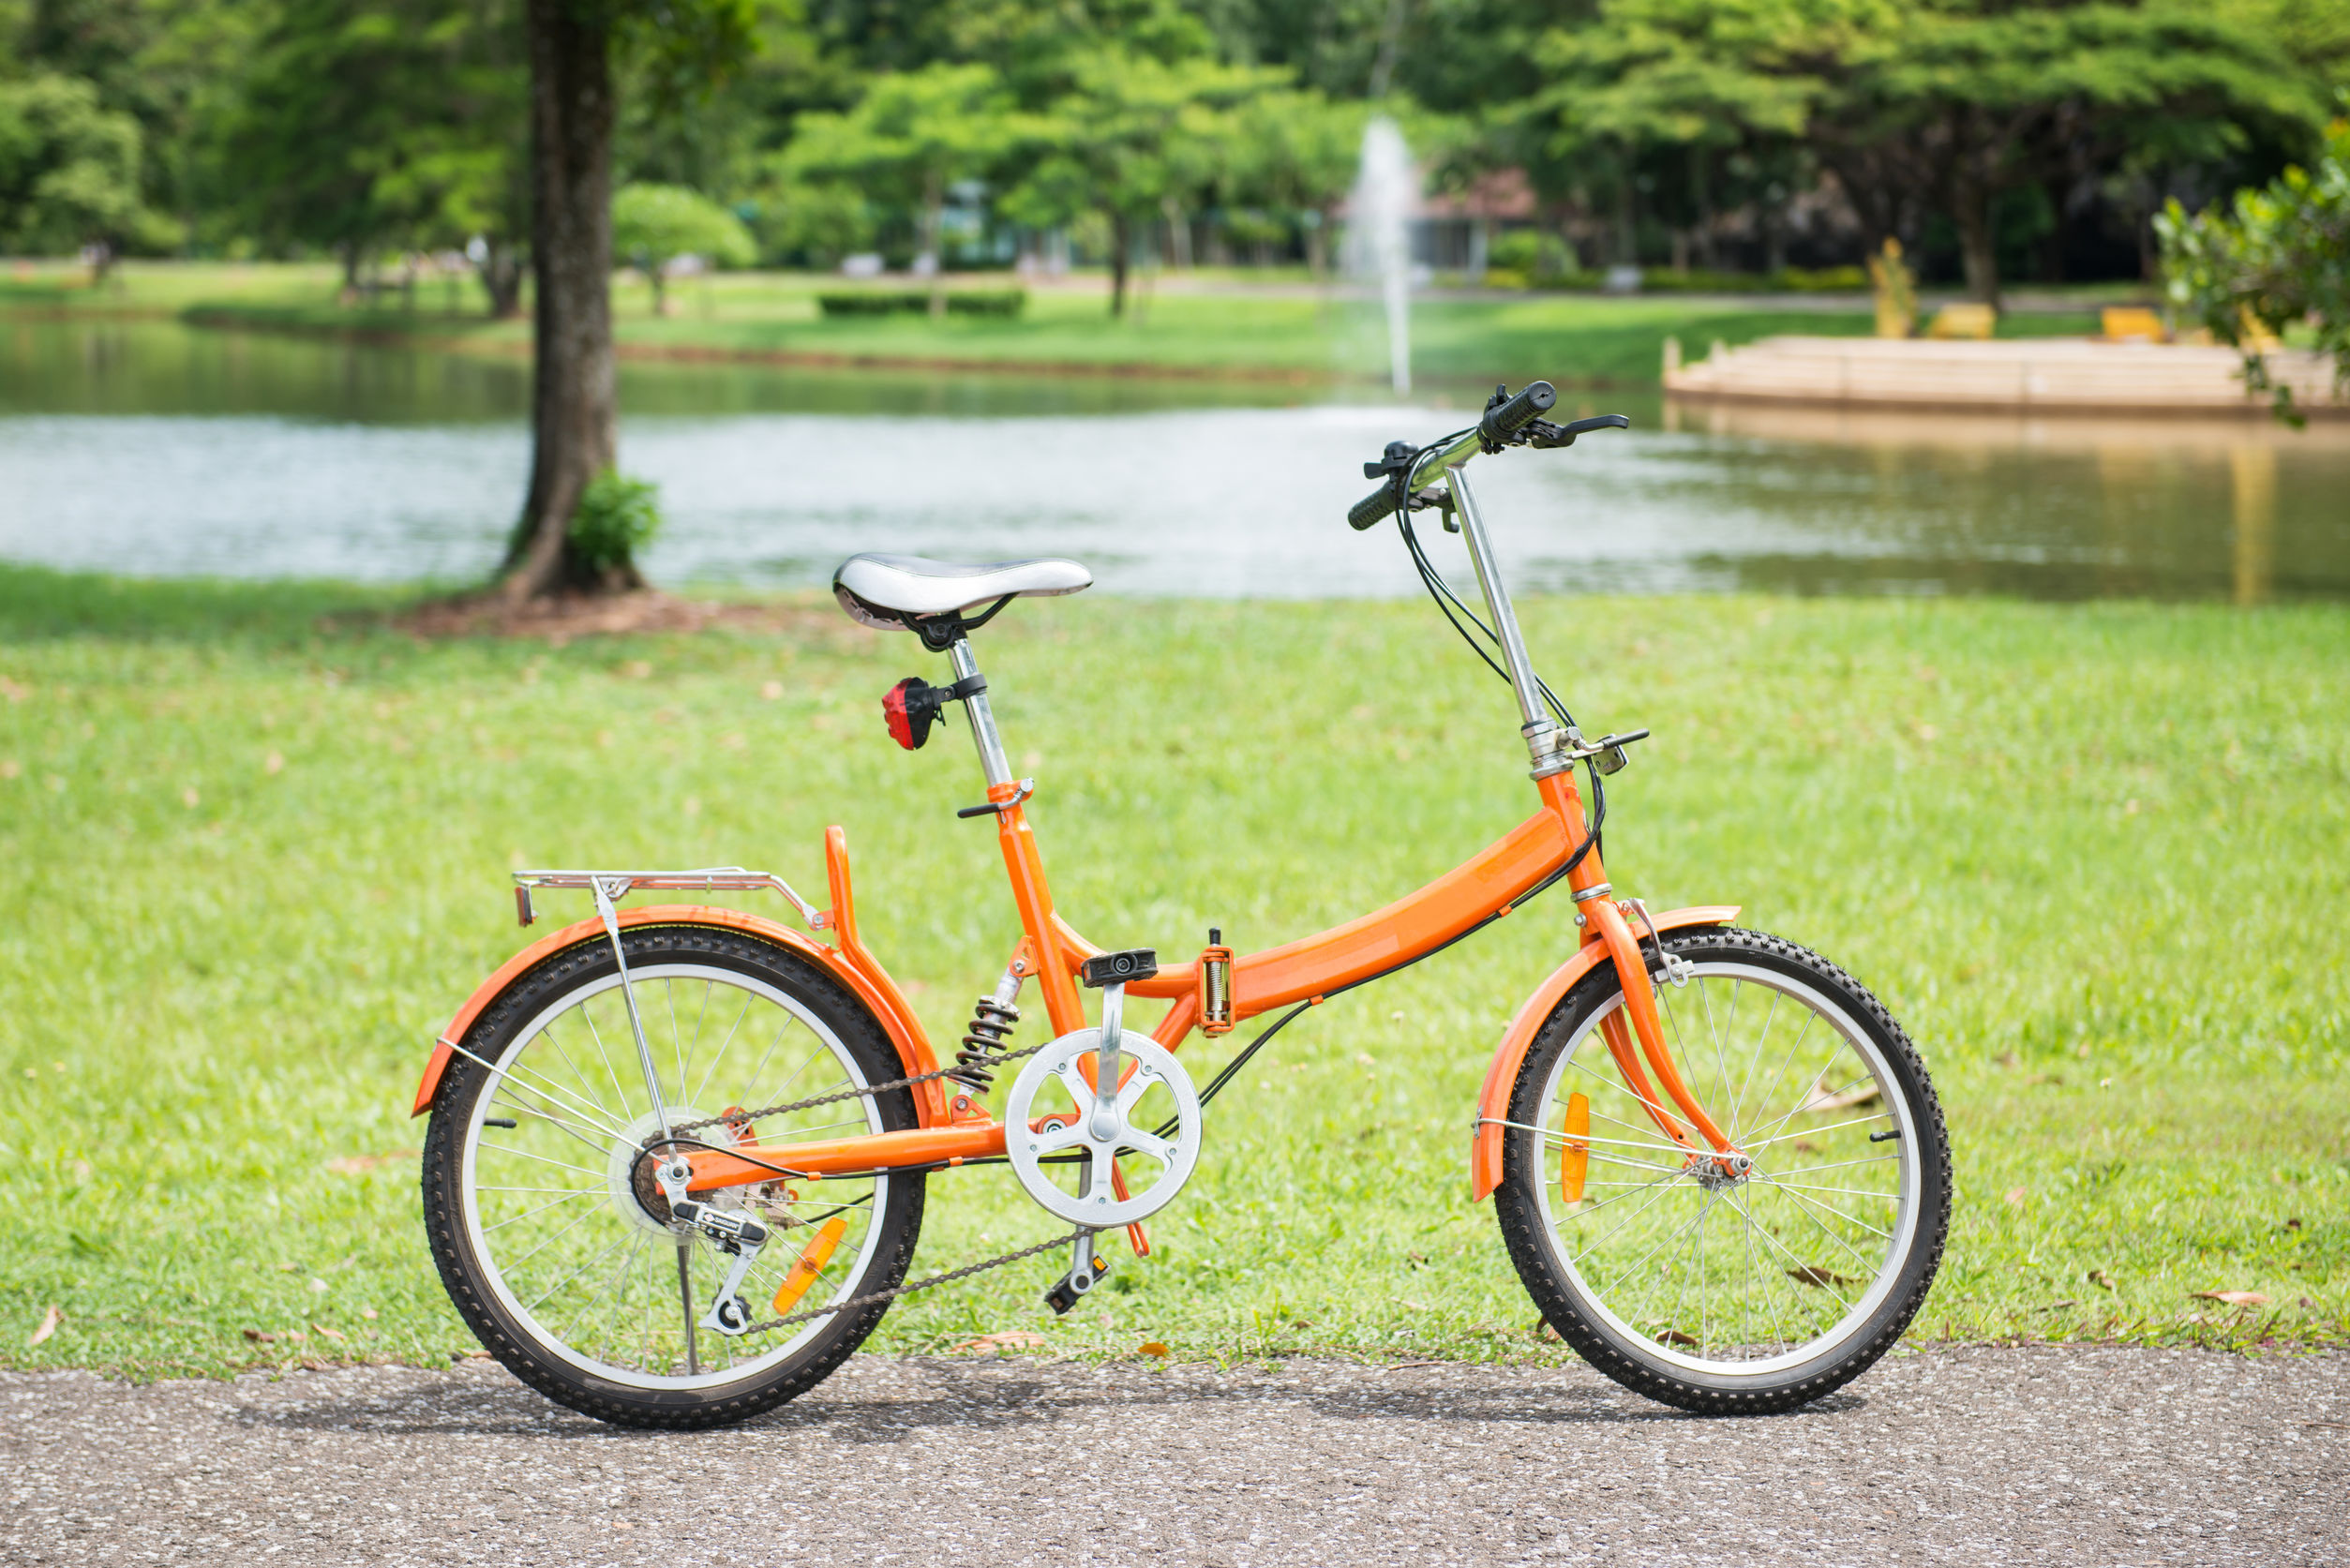 Bicicletas plegables: ¿Cuál es la mejor del 2020?